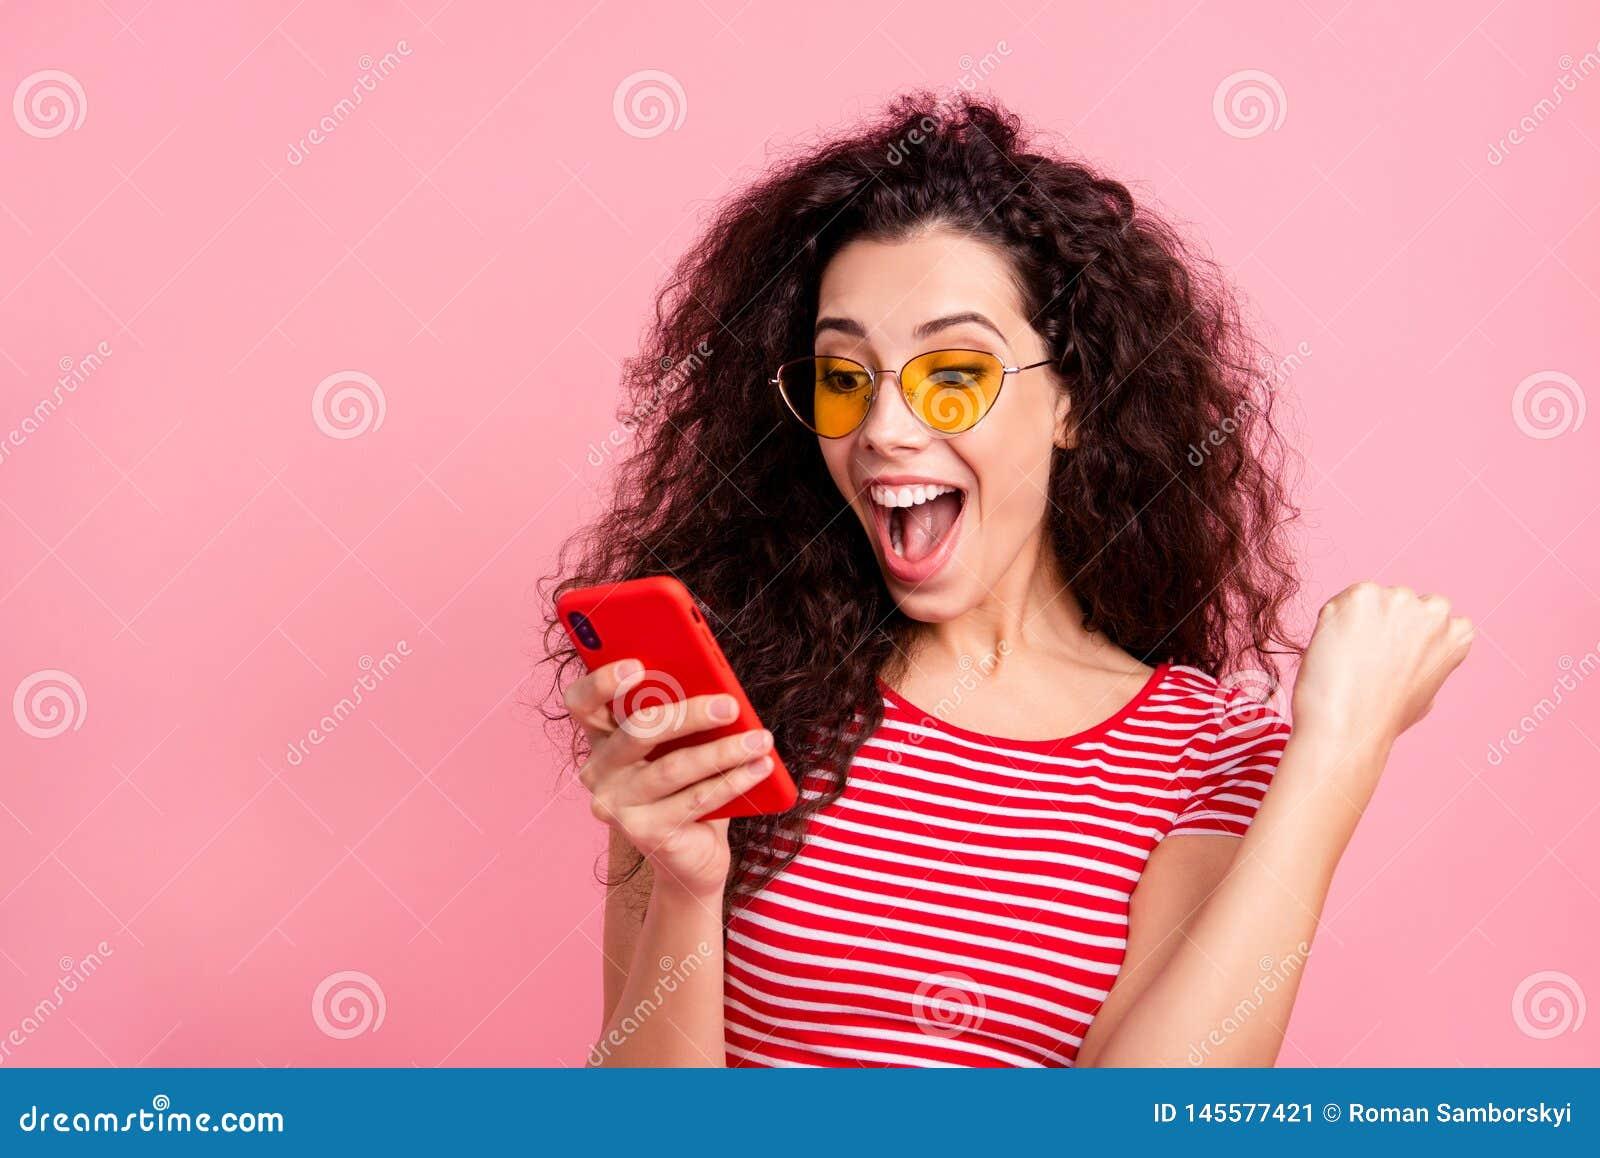 Retrato del primer de ella ella de pelo ondulado extático alegre alegre alegre del brillo encantador atractivo precioso atractivo